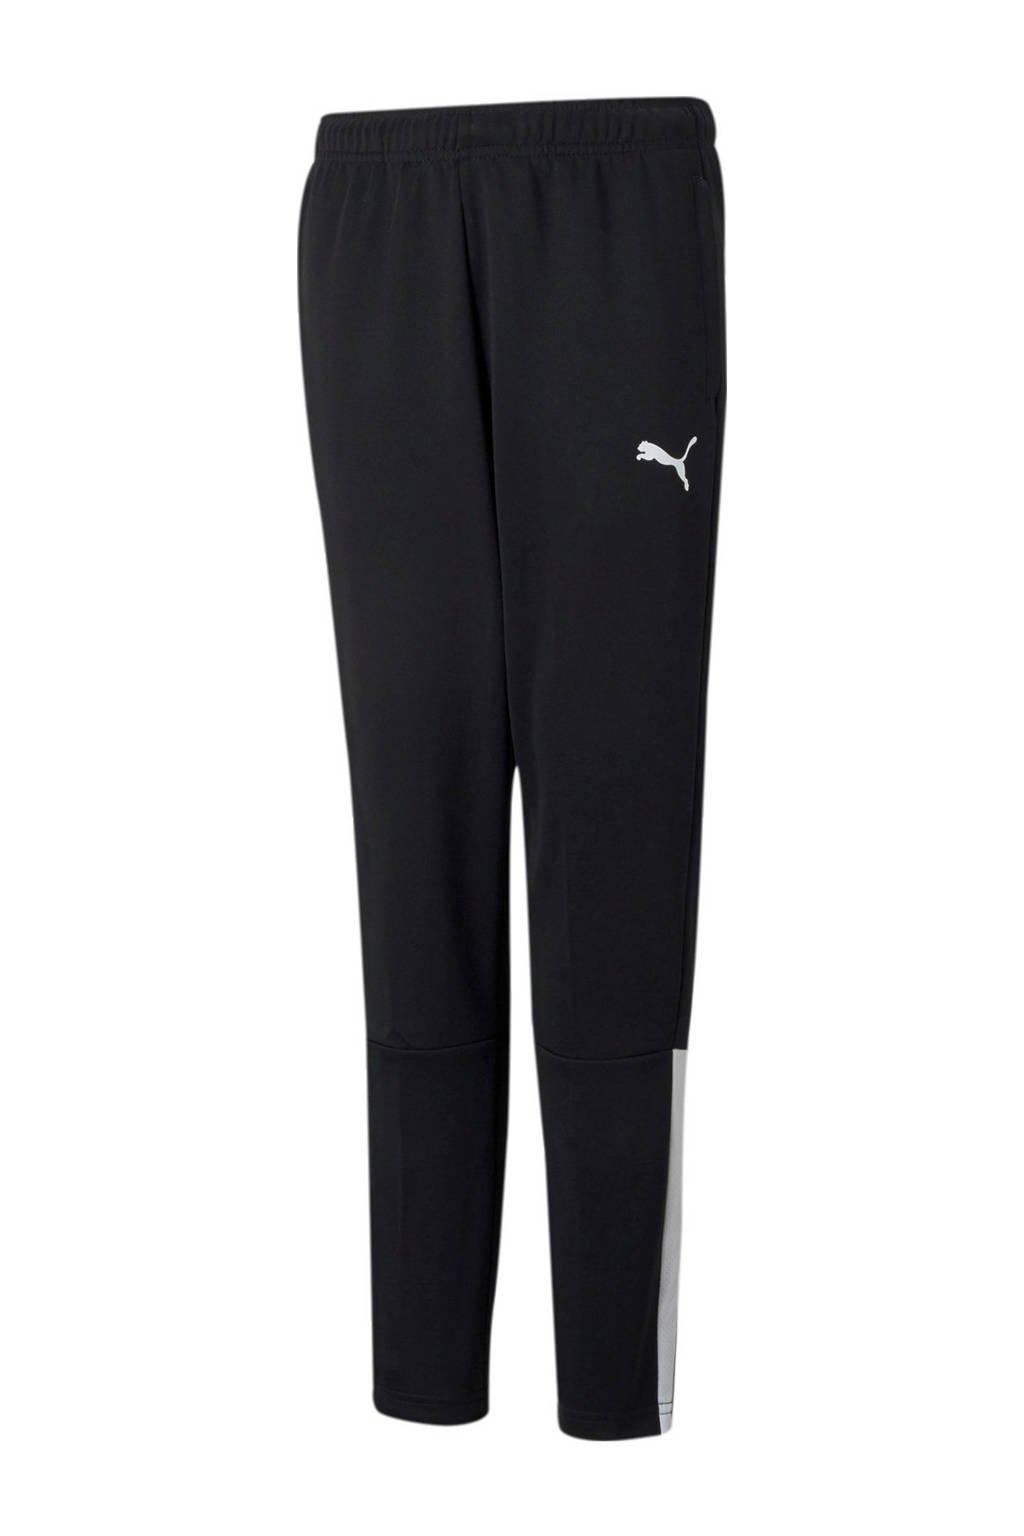 Puma   trainingsbroek zwart/wit, Zwart/wit